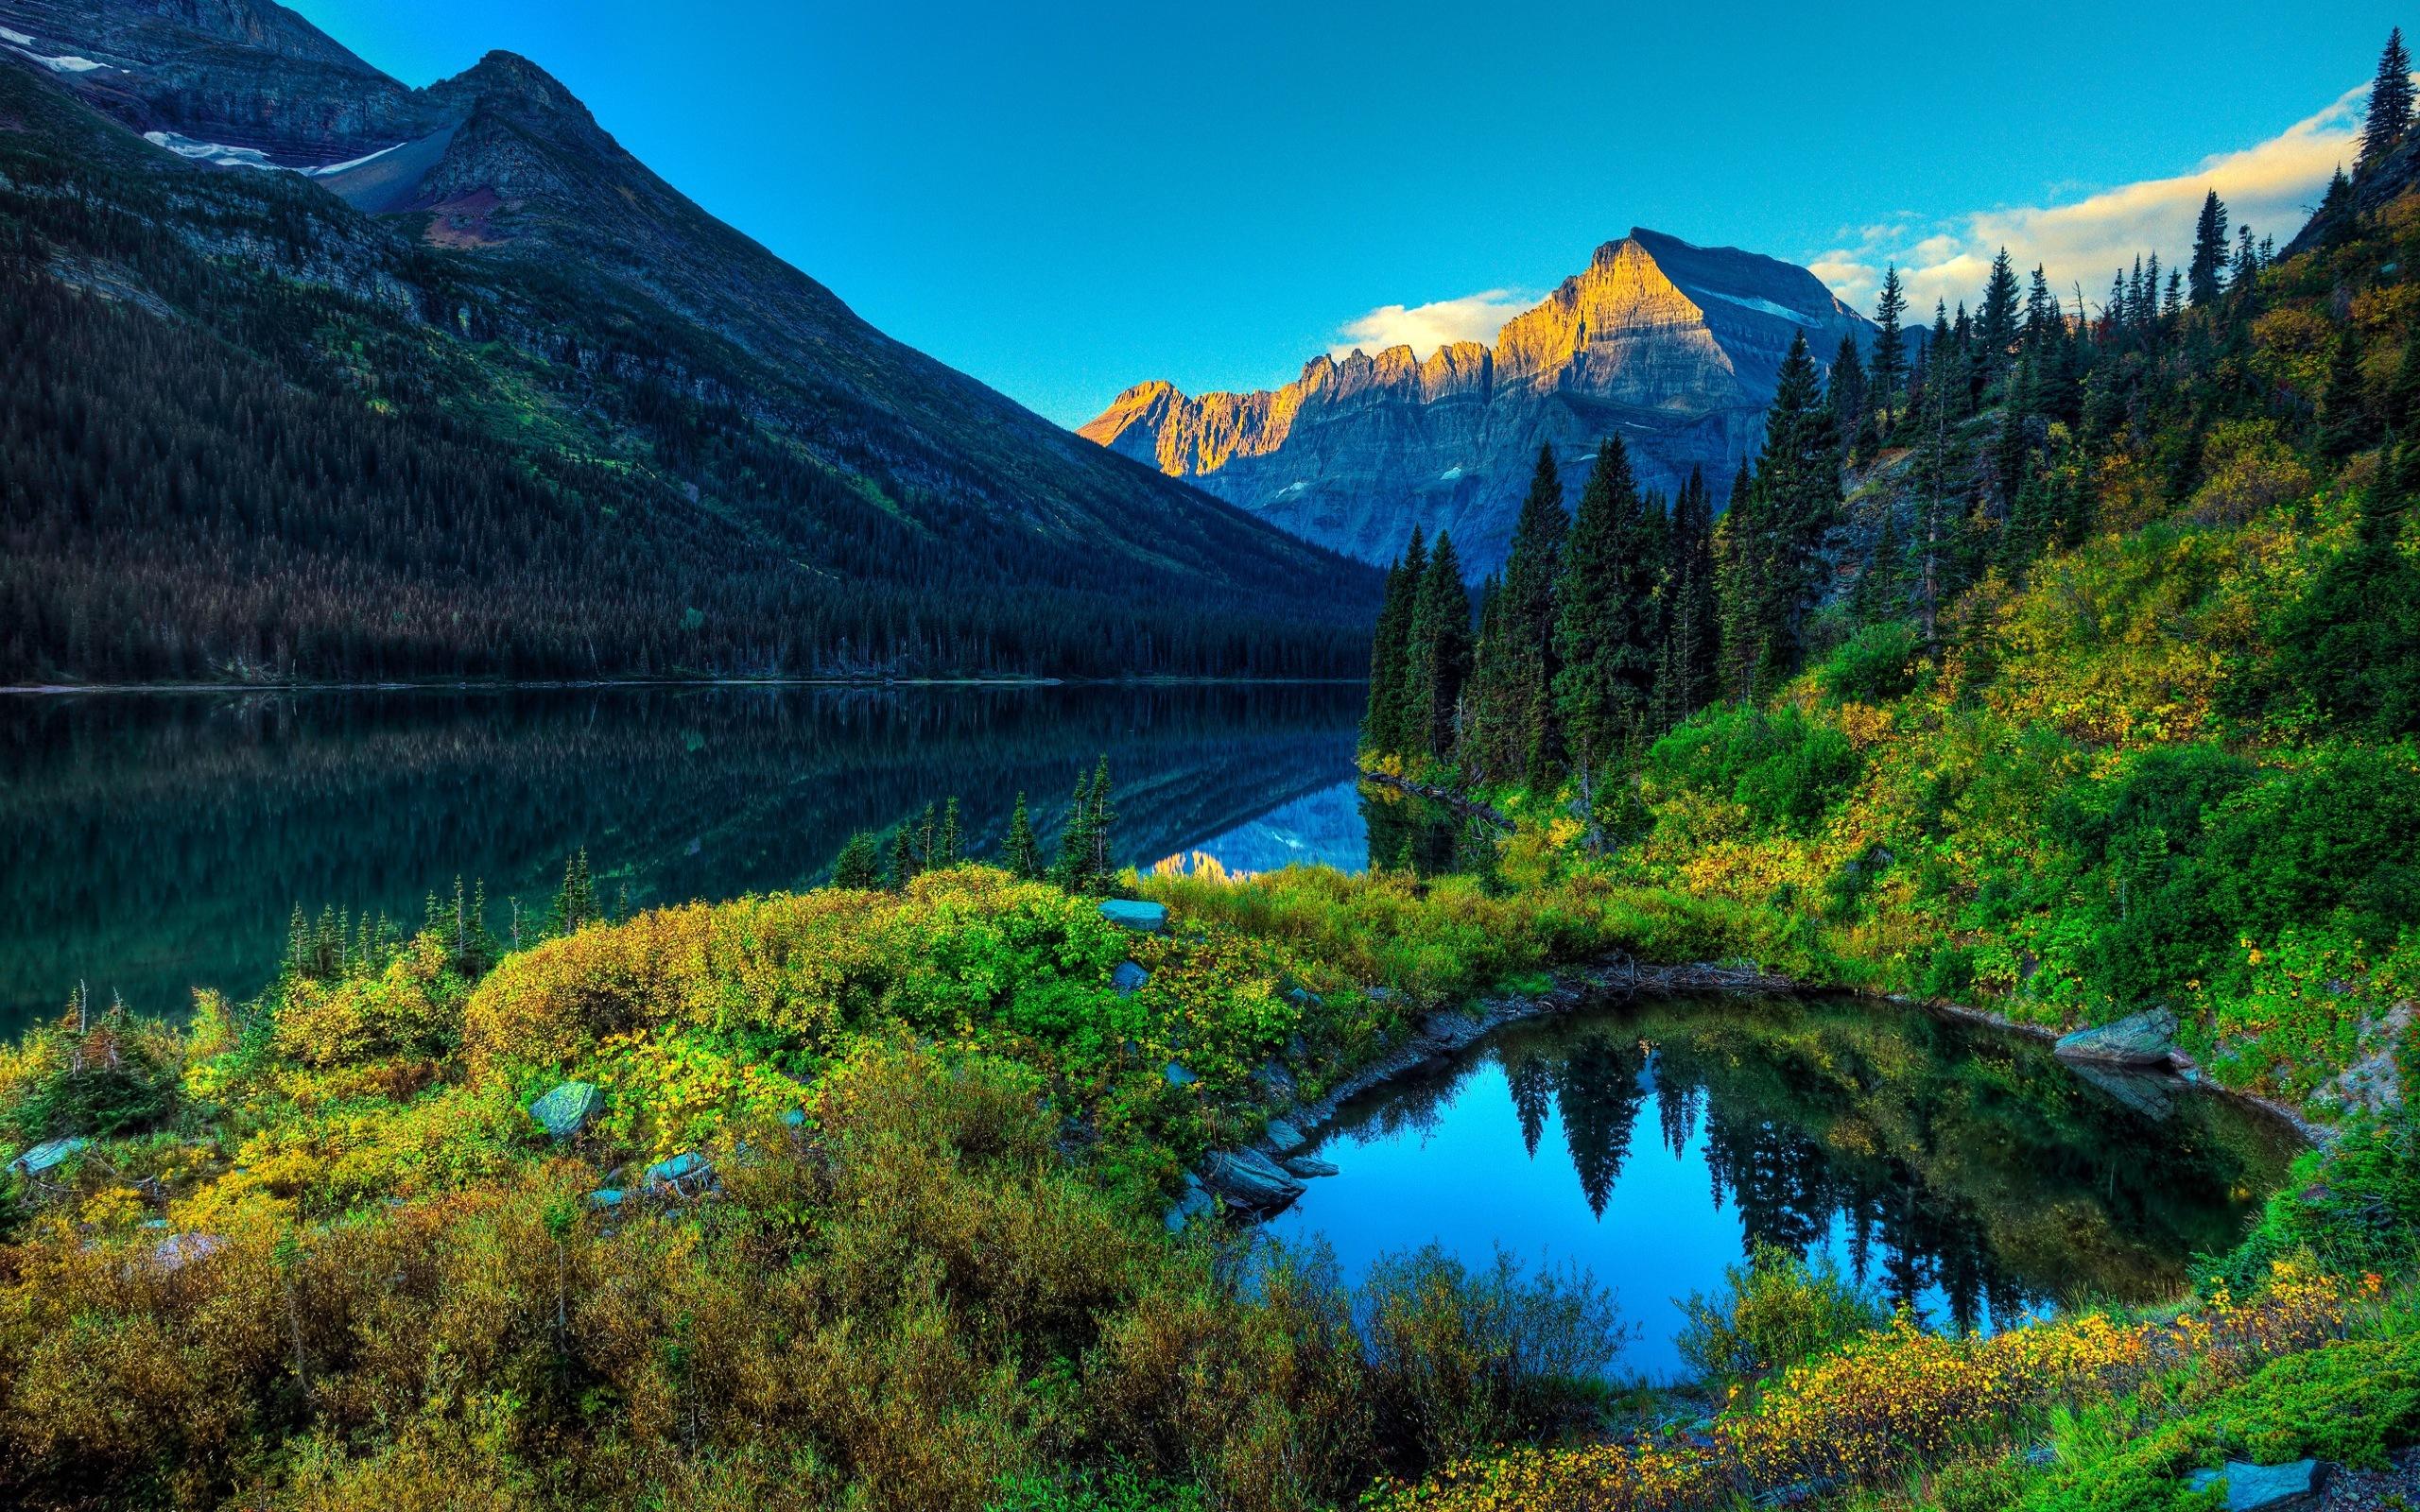 боюсь бегу, фото горных пейзажей в высоком качестве картинка интернета